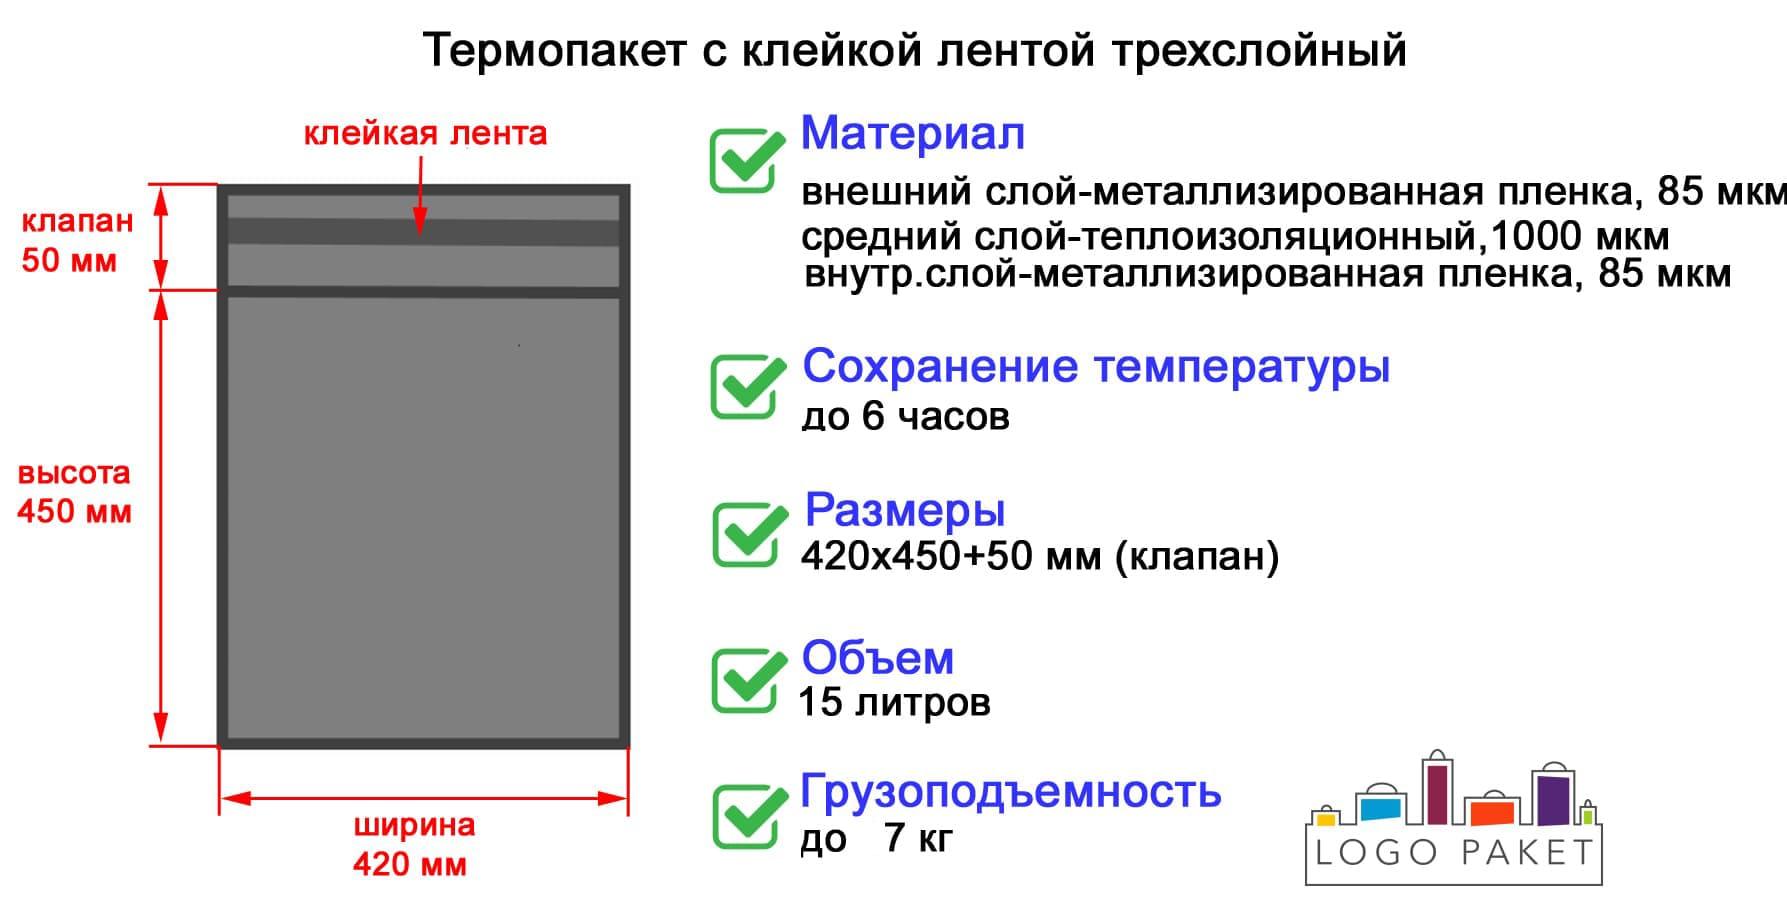 Термопакет с клейкой лентой трехслойный инфографика